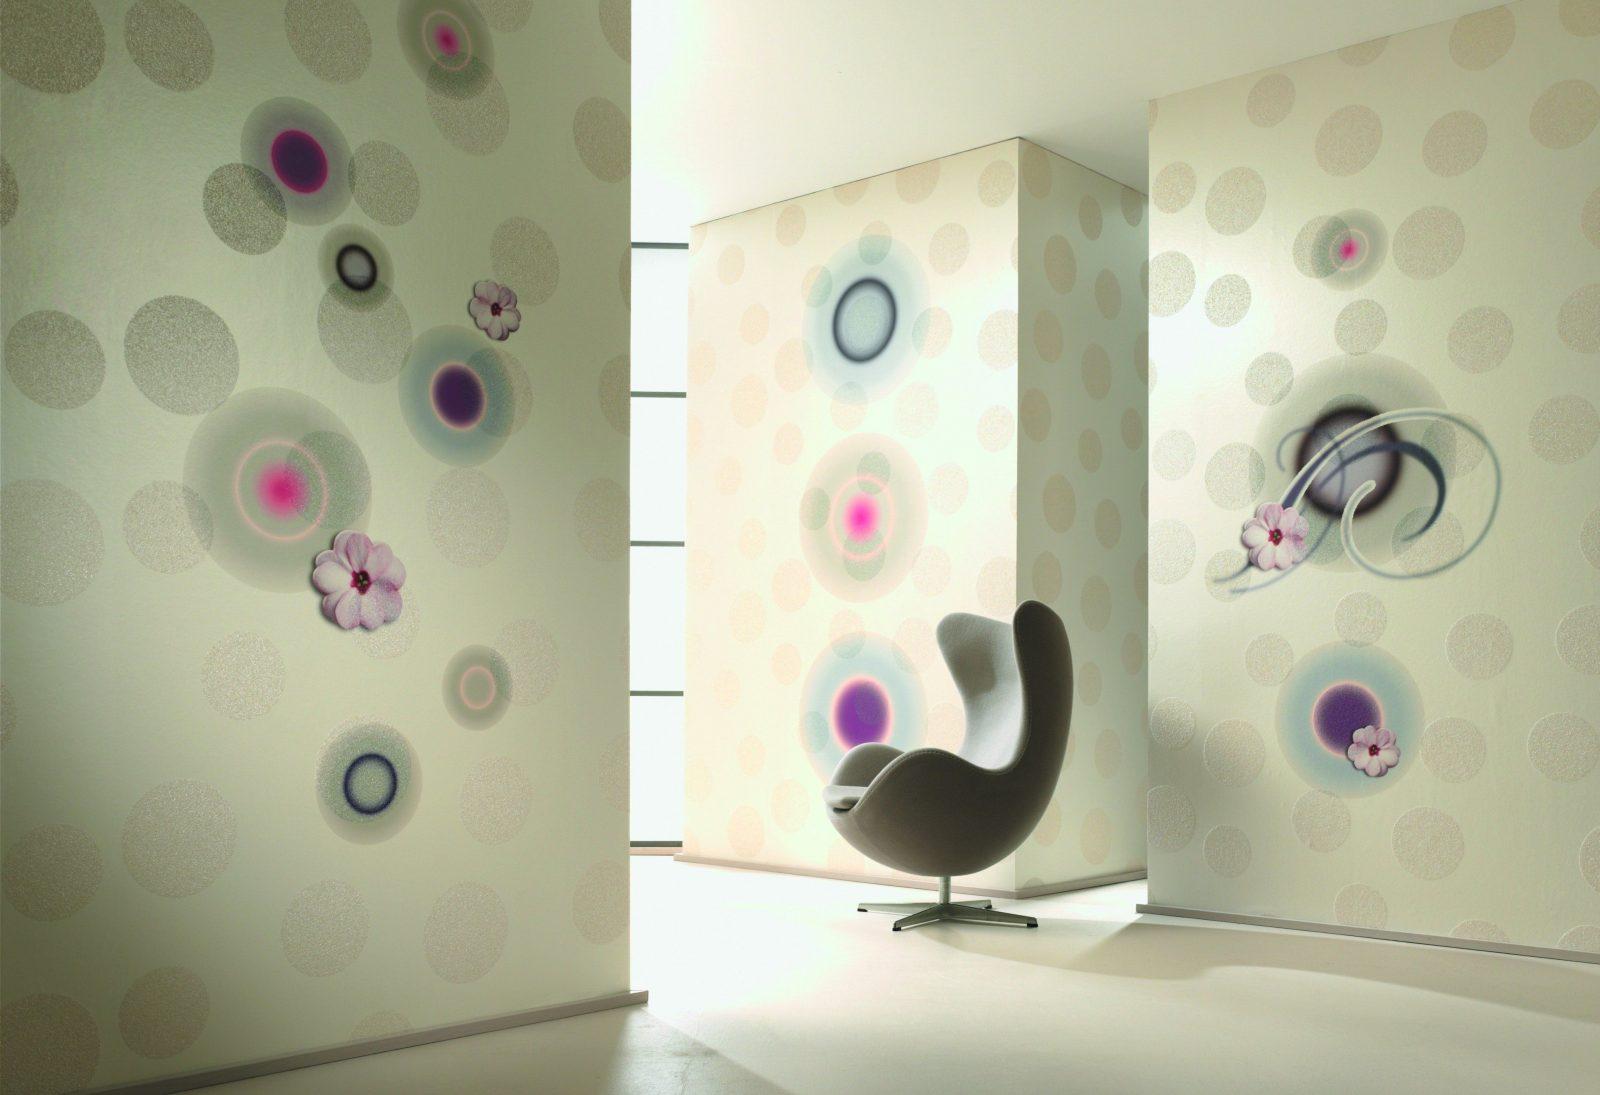 Gute Inspiration Tapeten Schlafzimmer Schöner Wohnen Und Charmante von Tapeten Schlafzimmer Schöner Wohnen Bild